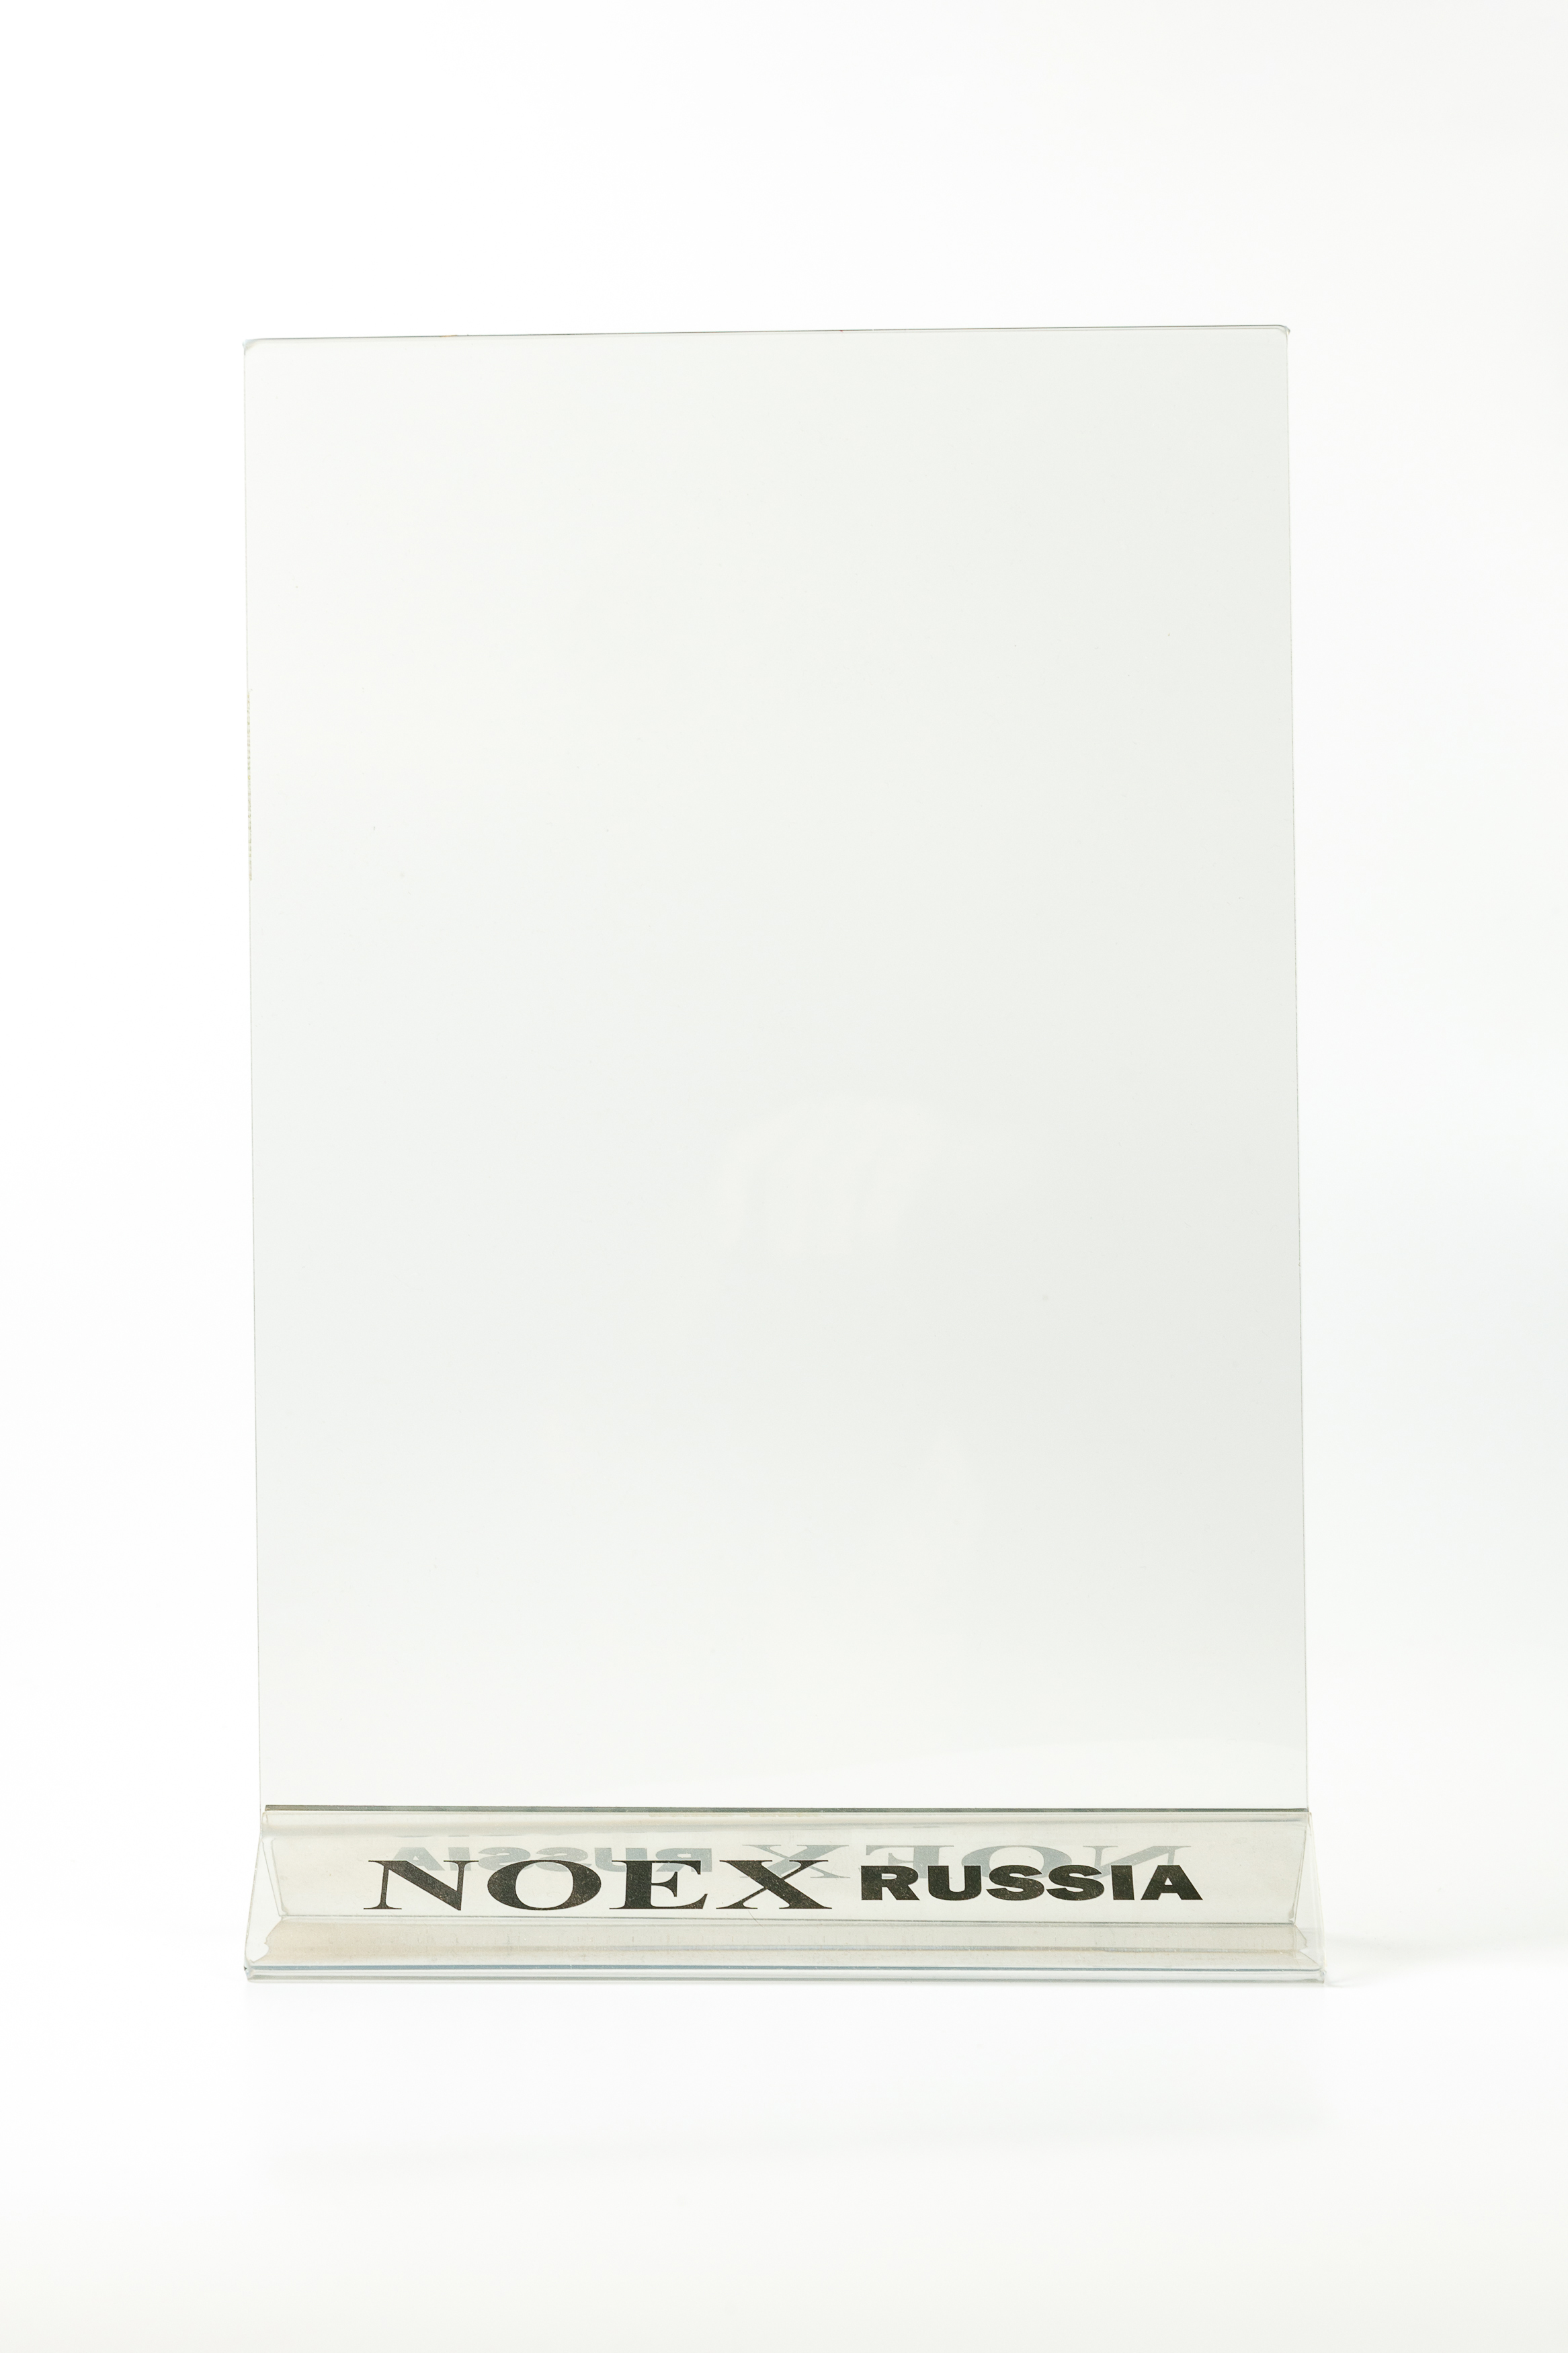 Менюхолдер (тейбл тент) А4 вертикальный с уф-печатью на основании